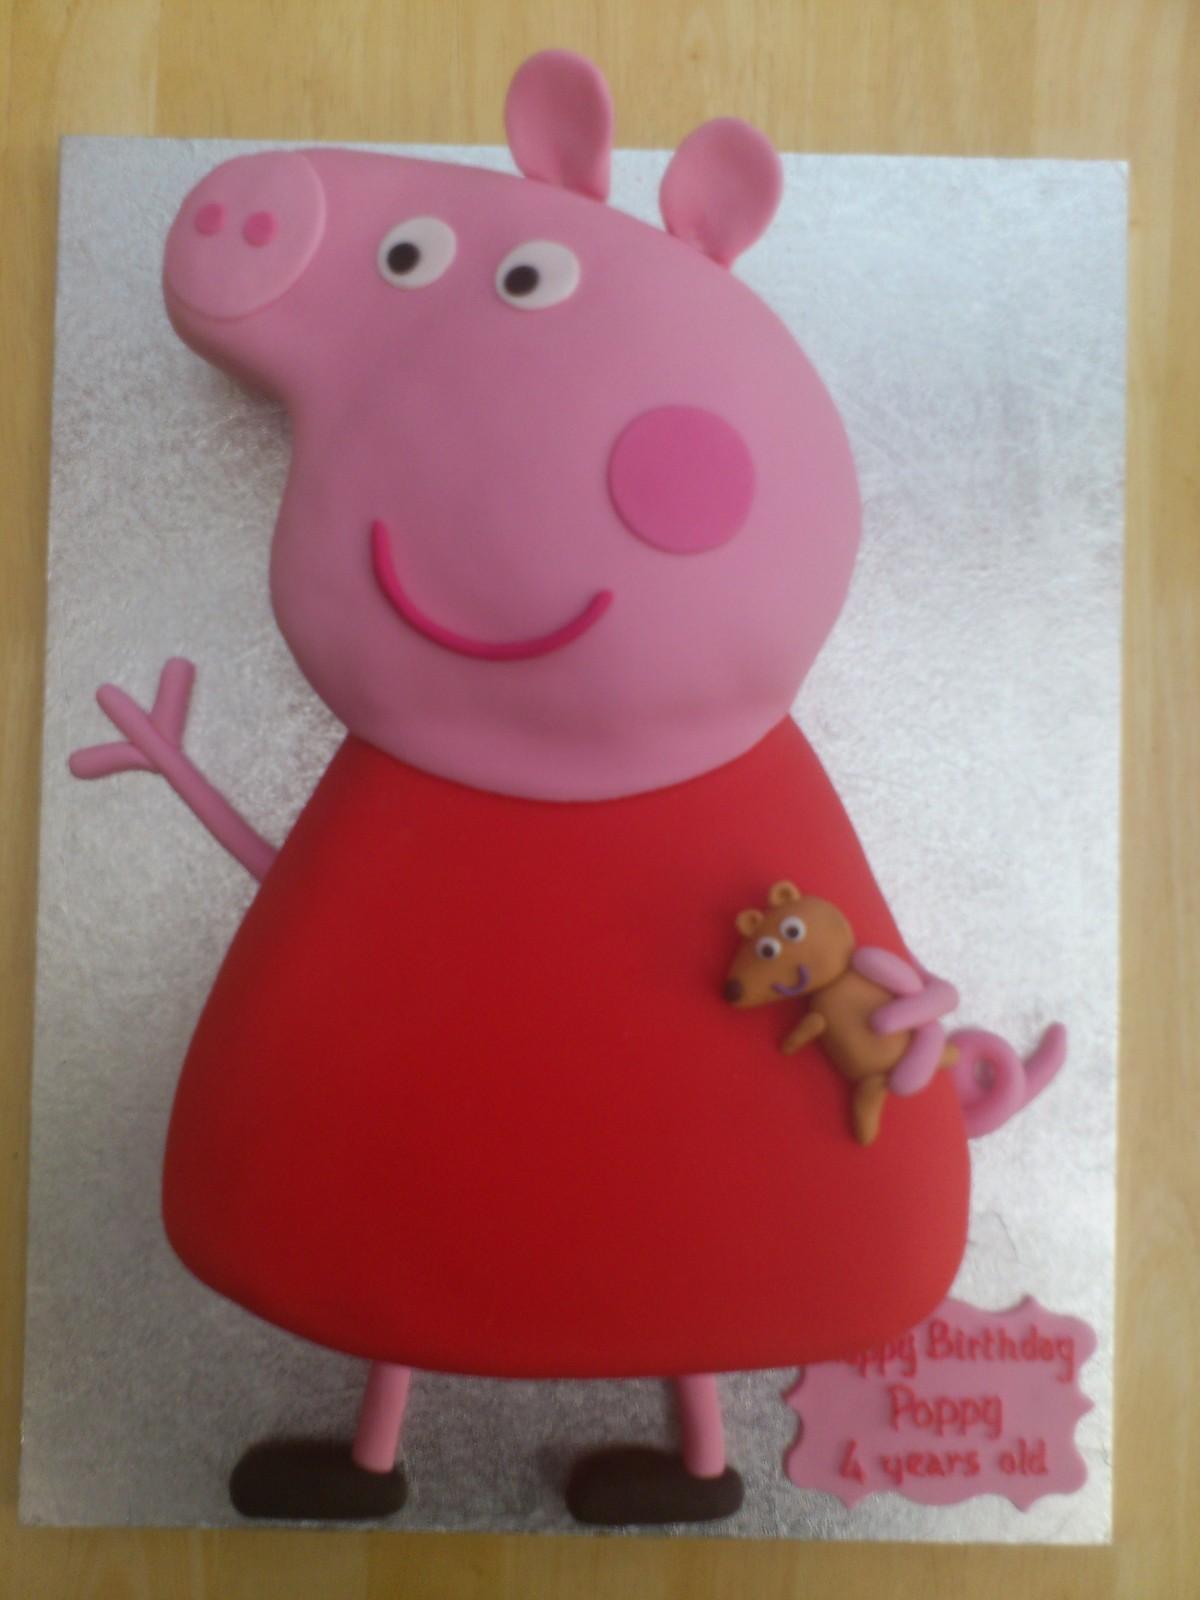 Детский торт своими руками. Торт со свинкой Пеппой